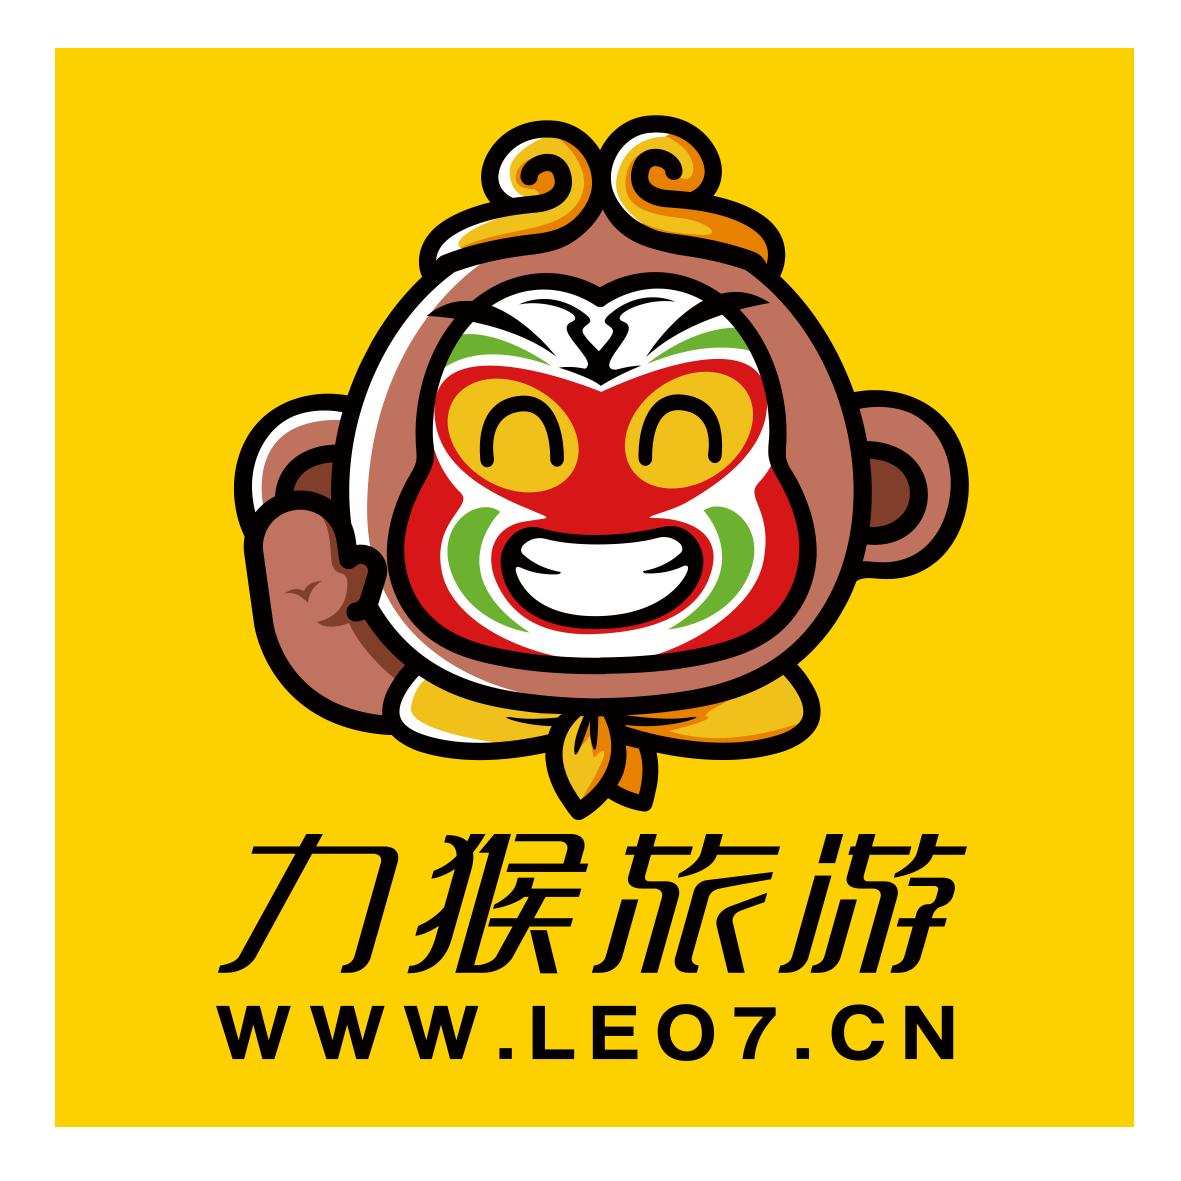 廣東省力猴國際旅行社有限公司